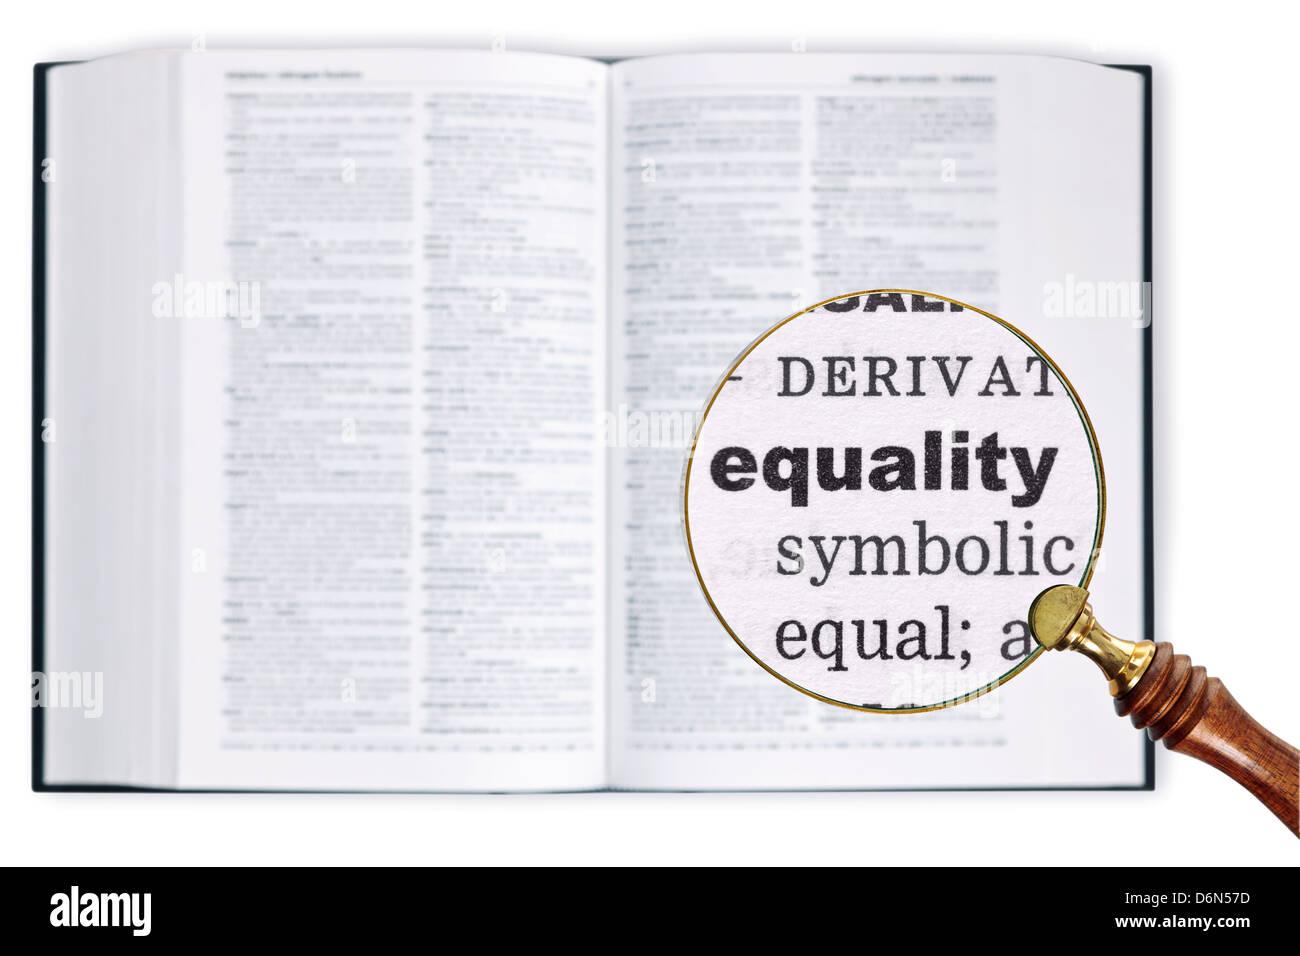 Vergrößert eine Lupe über ein Wörterbuch das Wort Gleichheit betrachten gehalten Stockbild